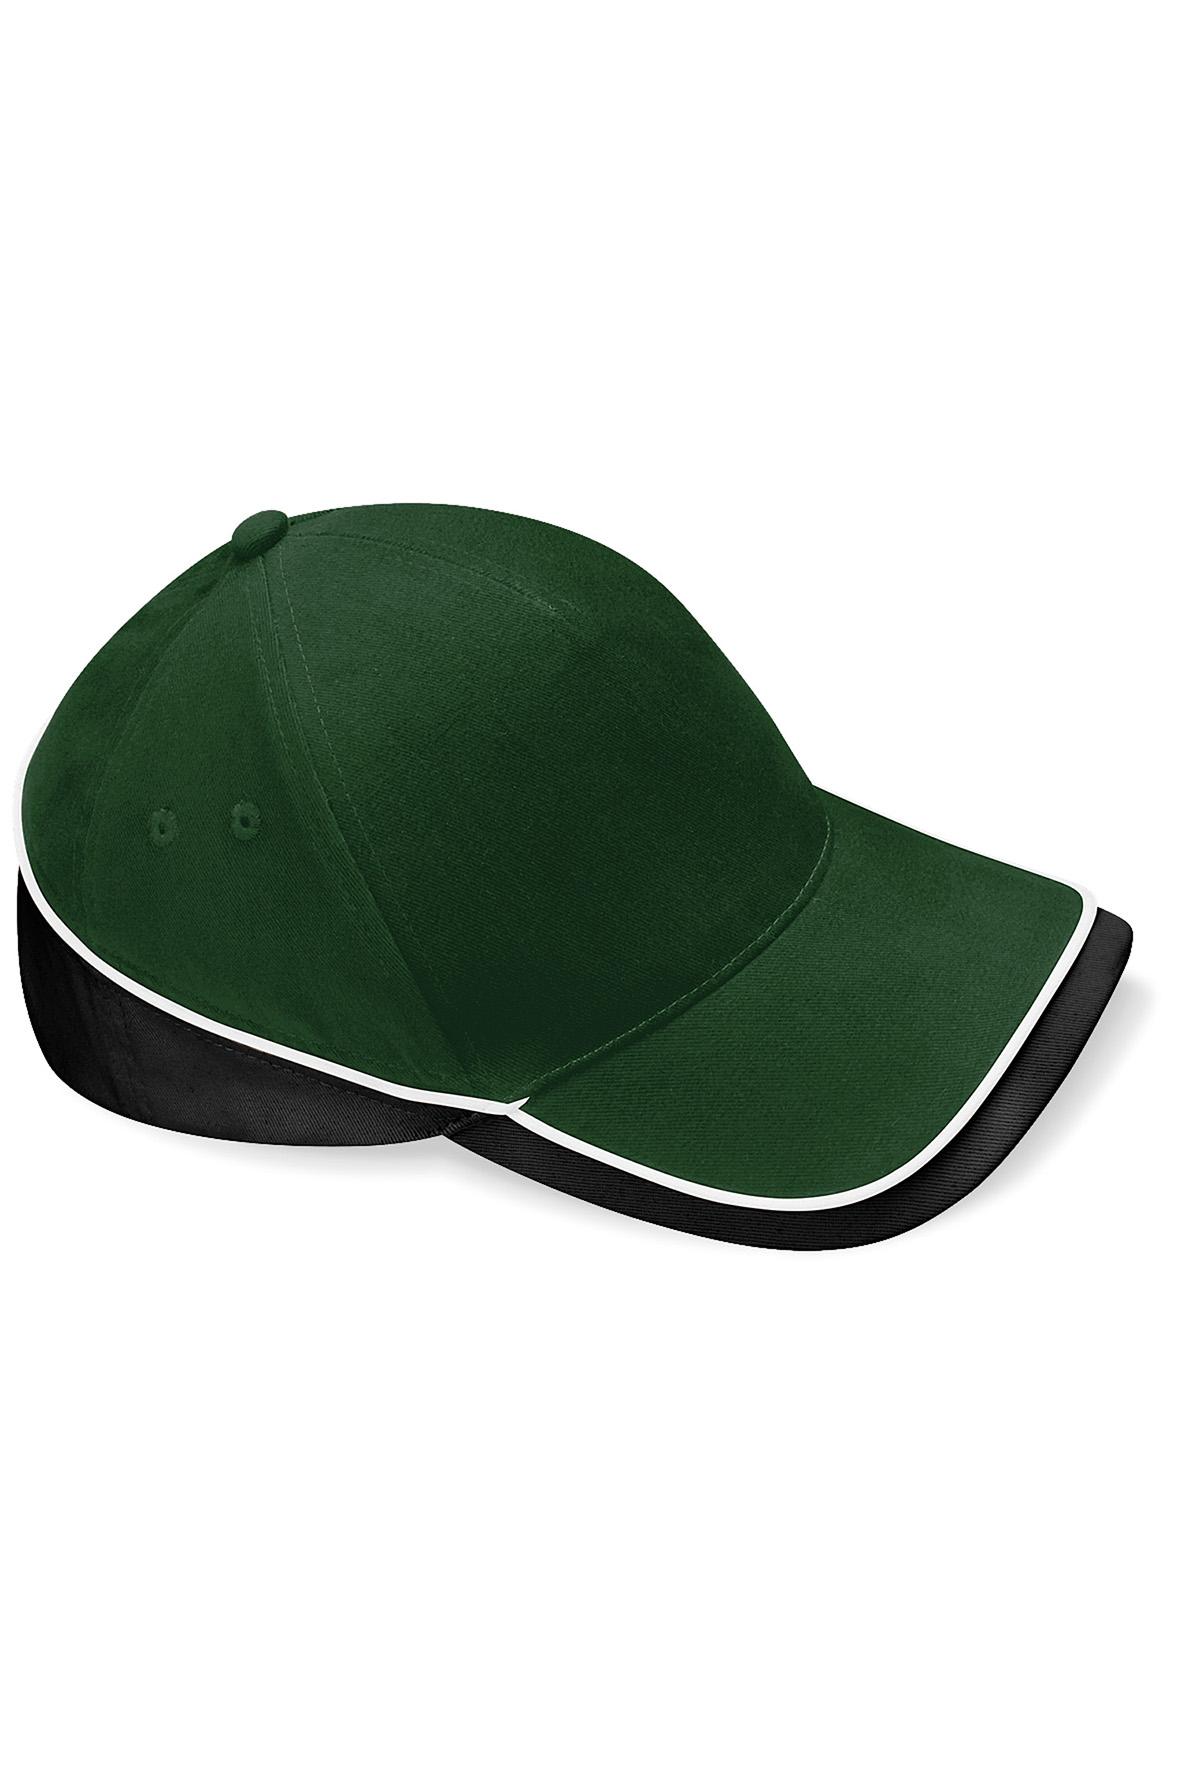 Teamwear Lippis Pullonvihreä - Musta - Valkoinen